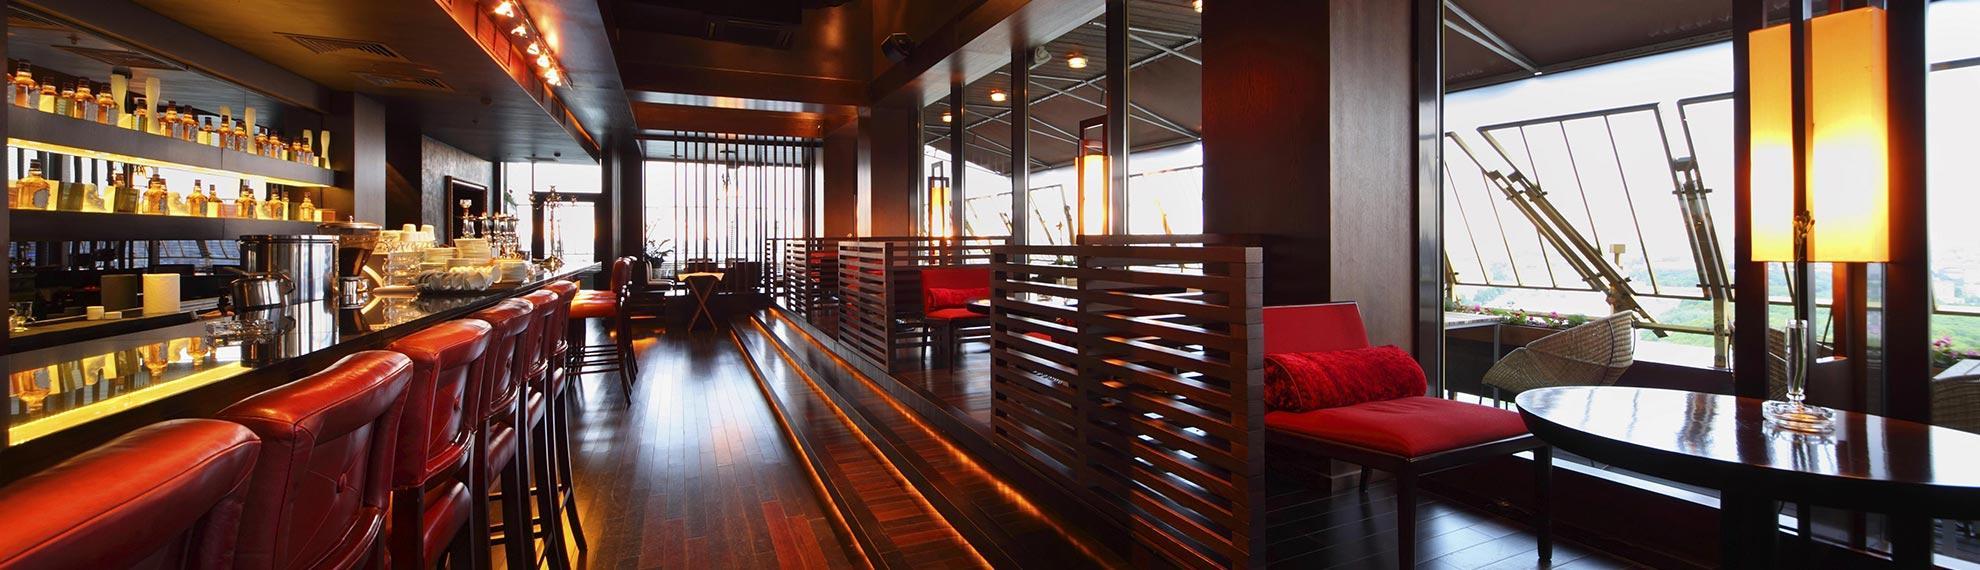 Arredamento bar e ristoranti palermo architetto giovan for Arredamento bar palermo